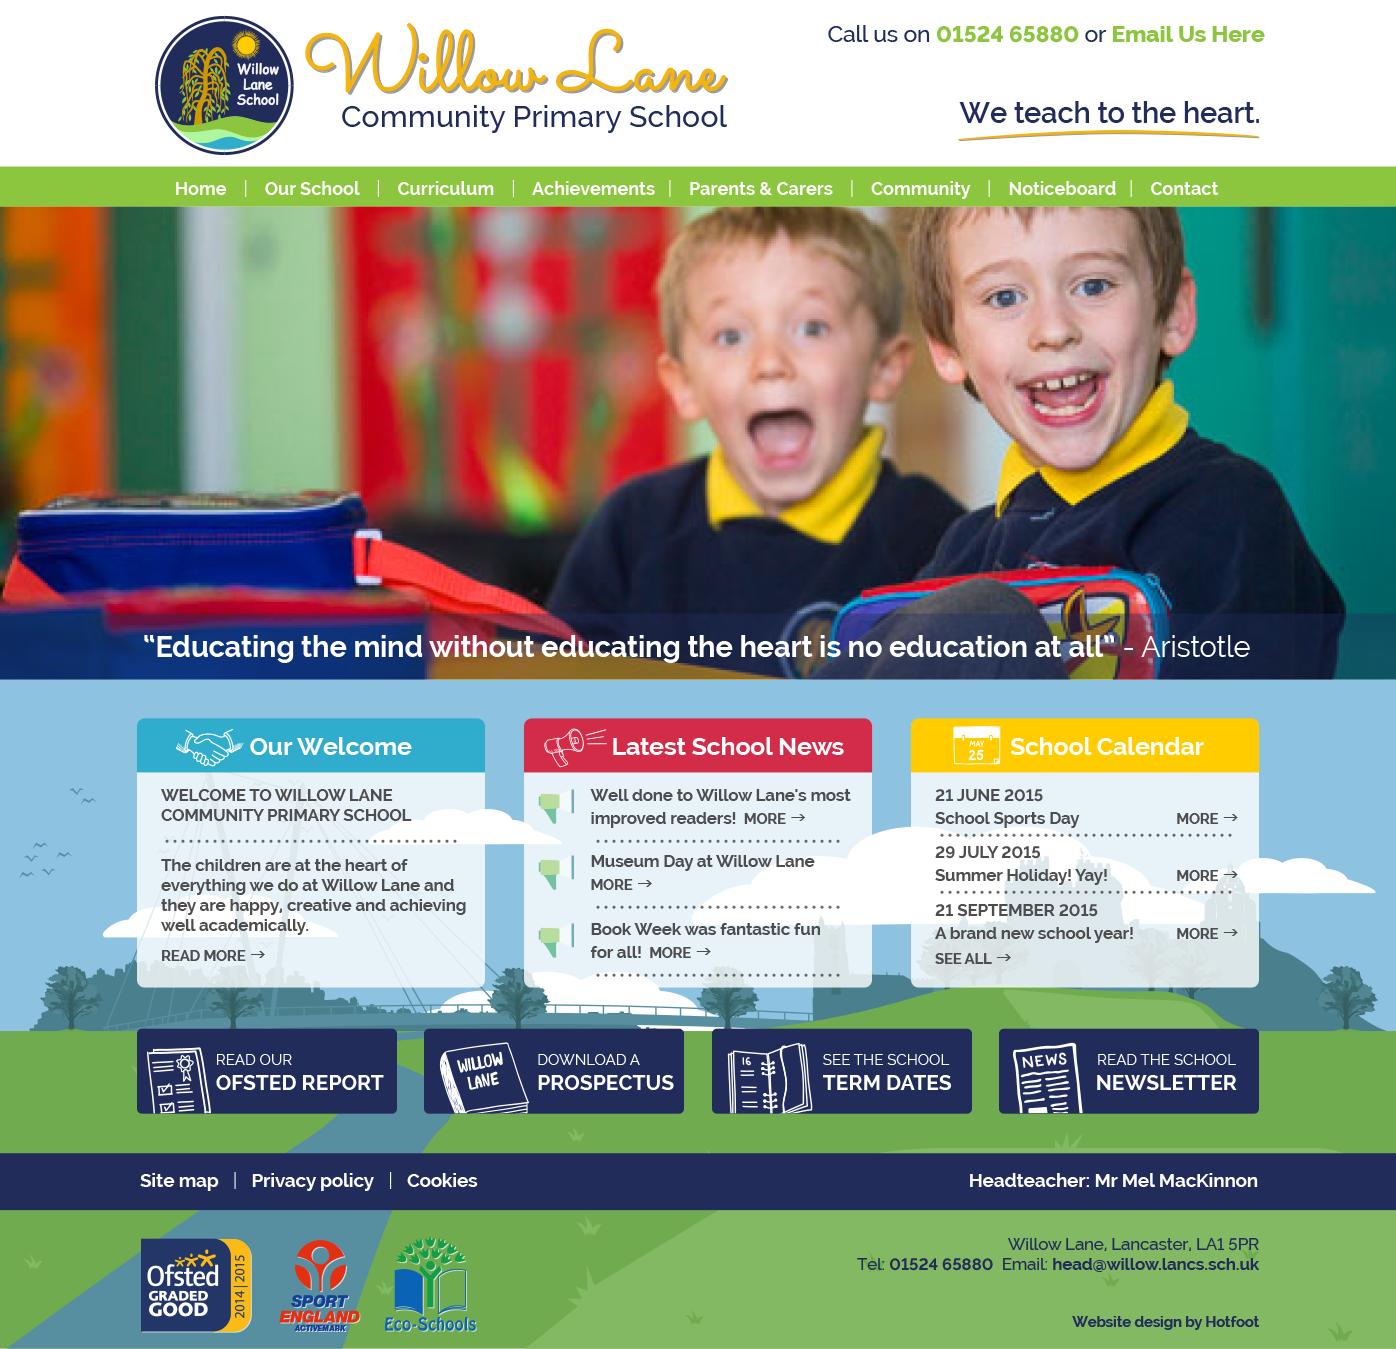 WillowLane_Website_Design_Home-v3